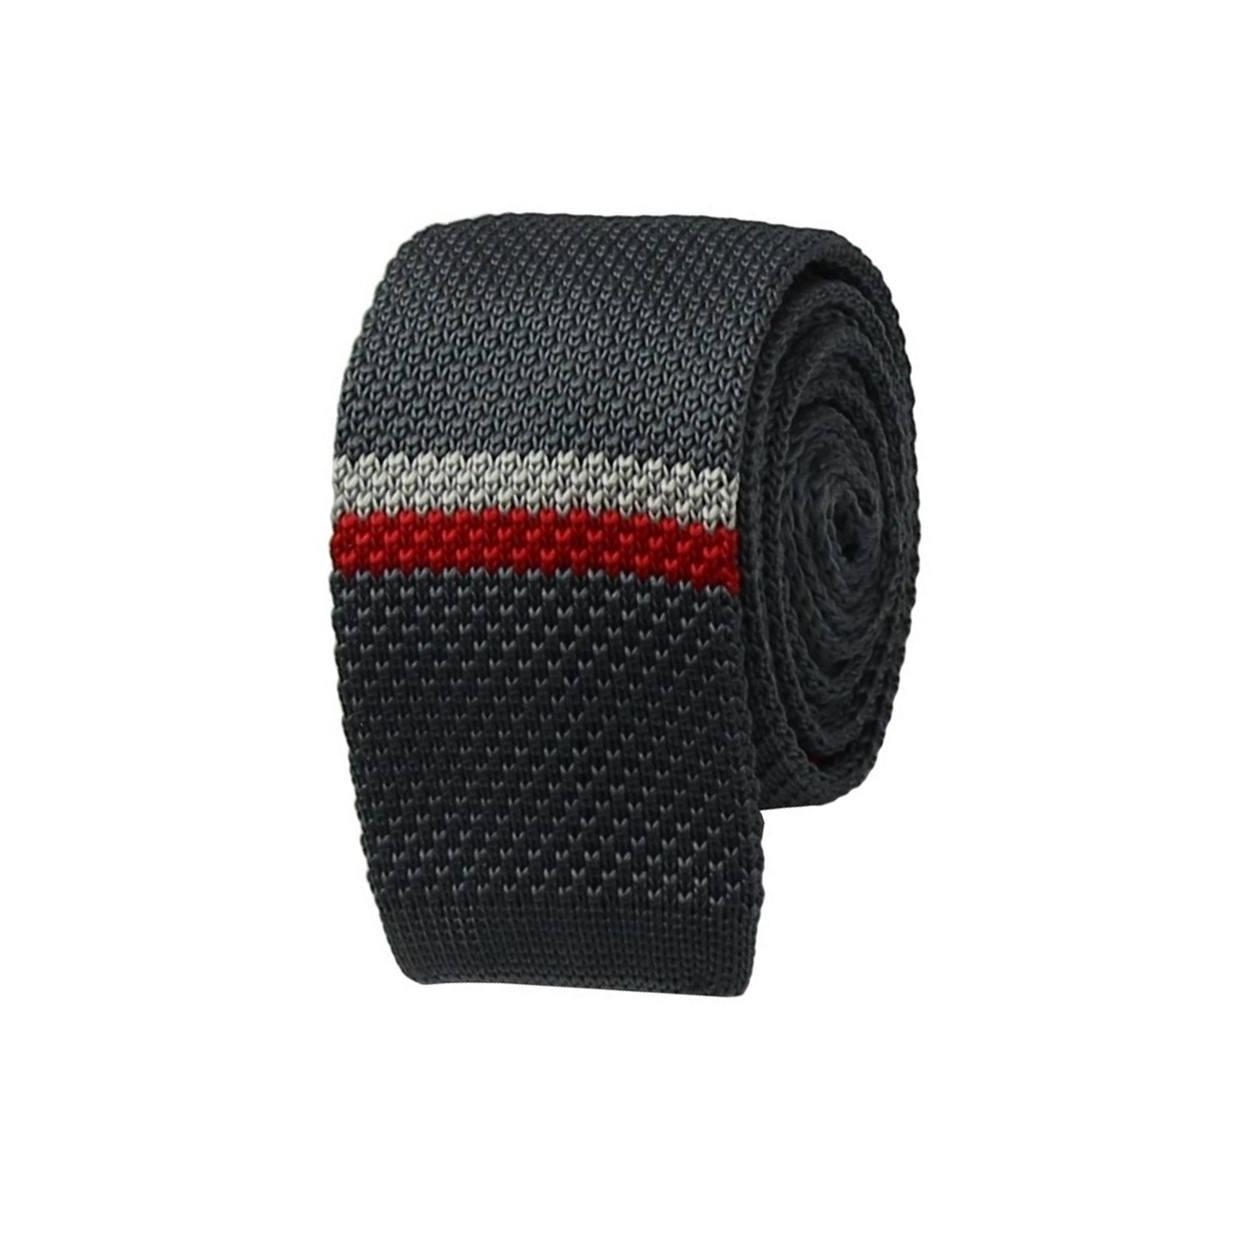 Šedá pletená kravata s bílo červeným pruhem